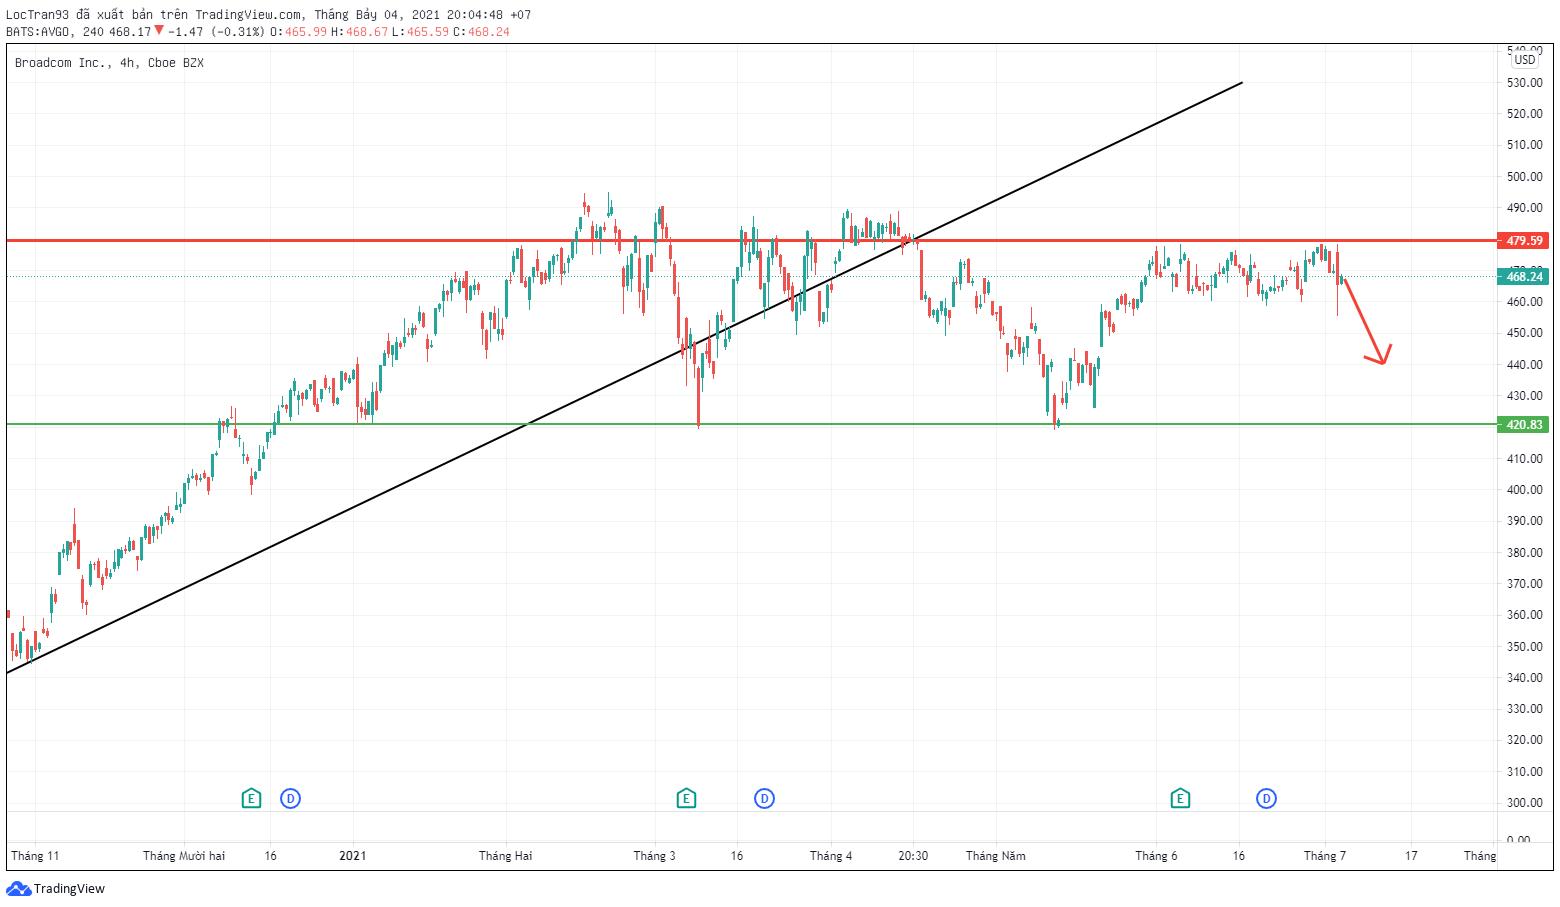 Cổ phiếu Broadcom đang di chuyển trong xu hướng không rõ rãng